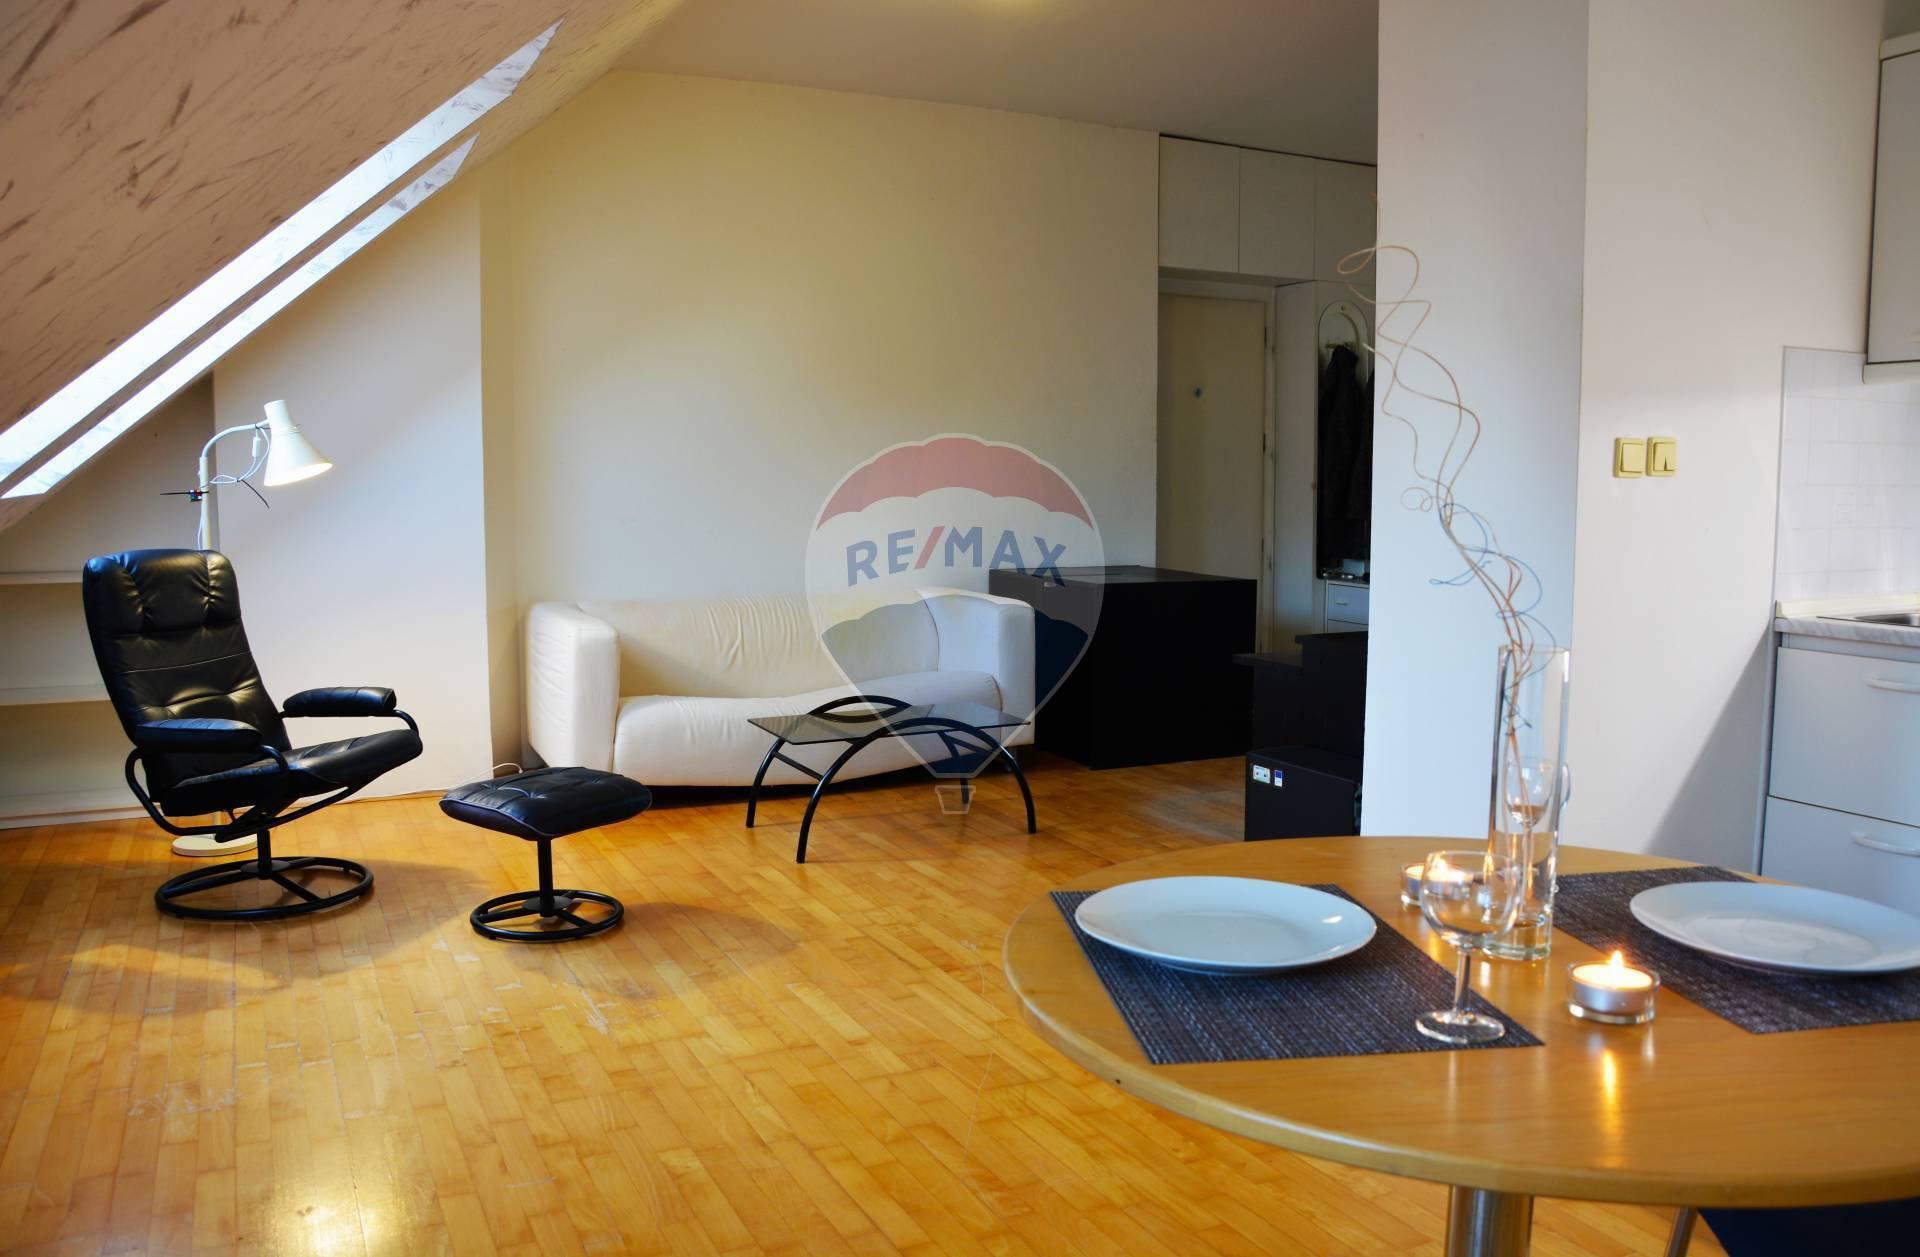 Prenájom bytu (2 izbový) 52 m2, Senec - Prenájom 2 izb. bytu v Senci, Kollárova ul., centrum